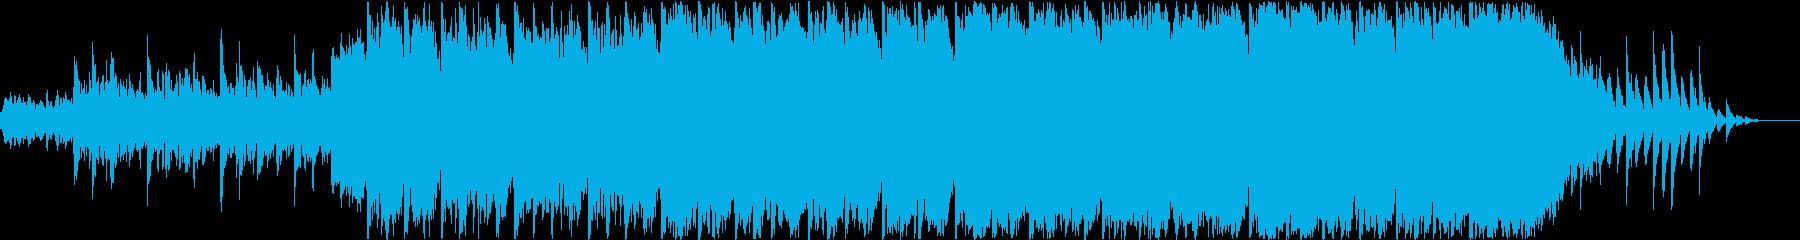 和風テイスト曲の再生済みの波形